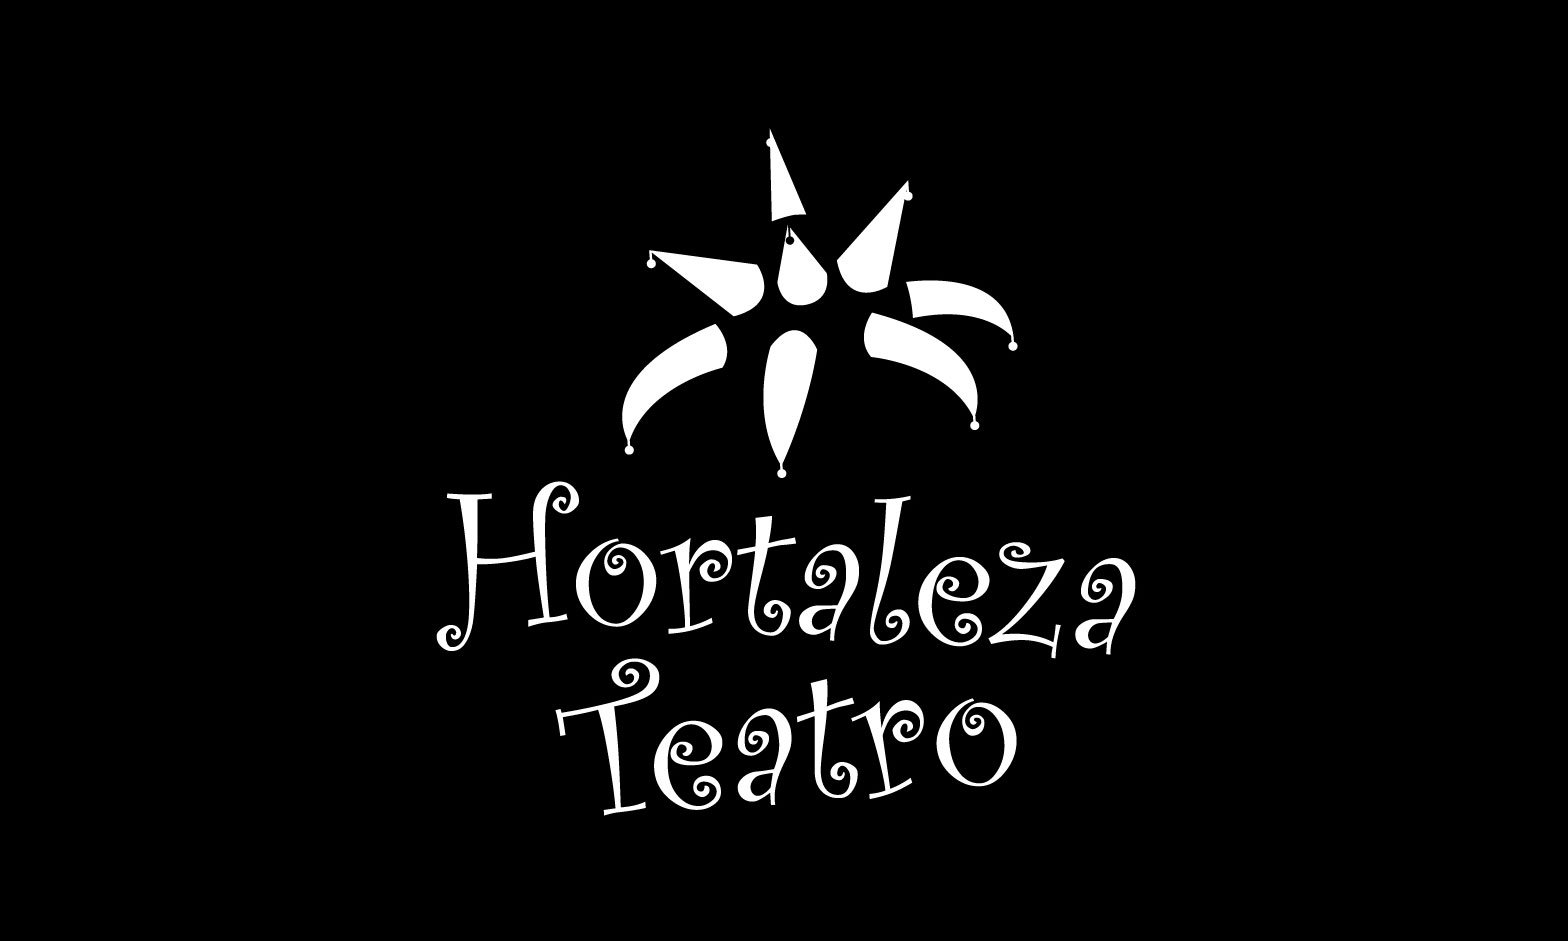 Hortaleza teatro